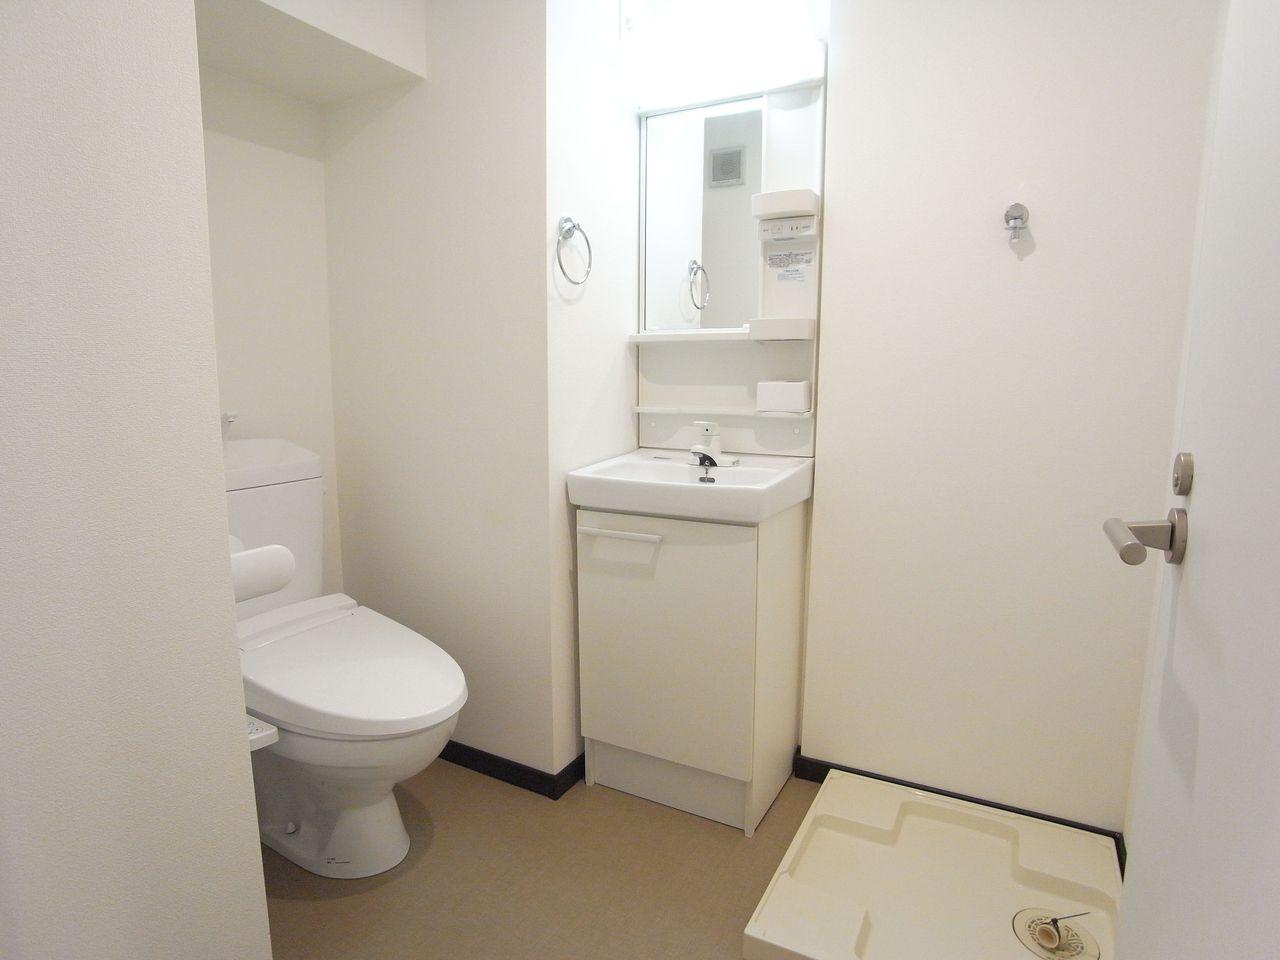 トイレ、洗面台とバスルームになります。